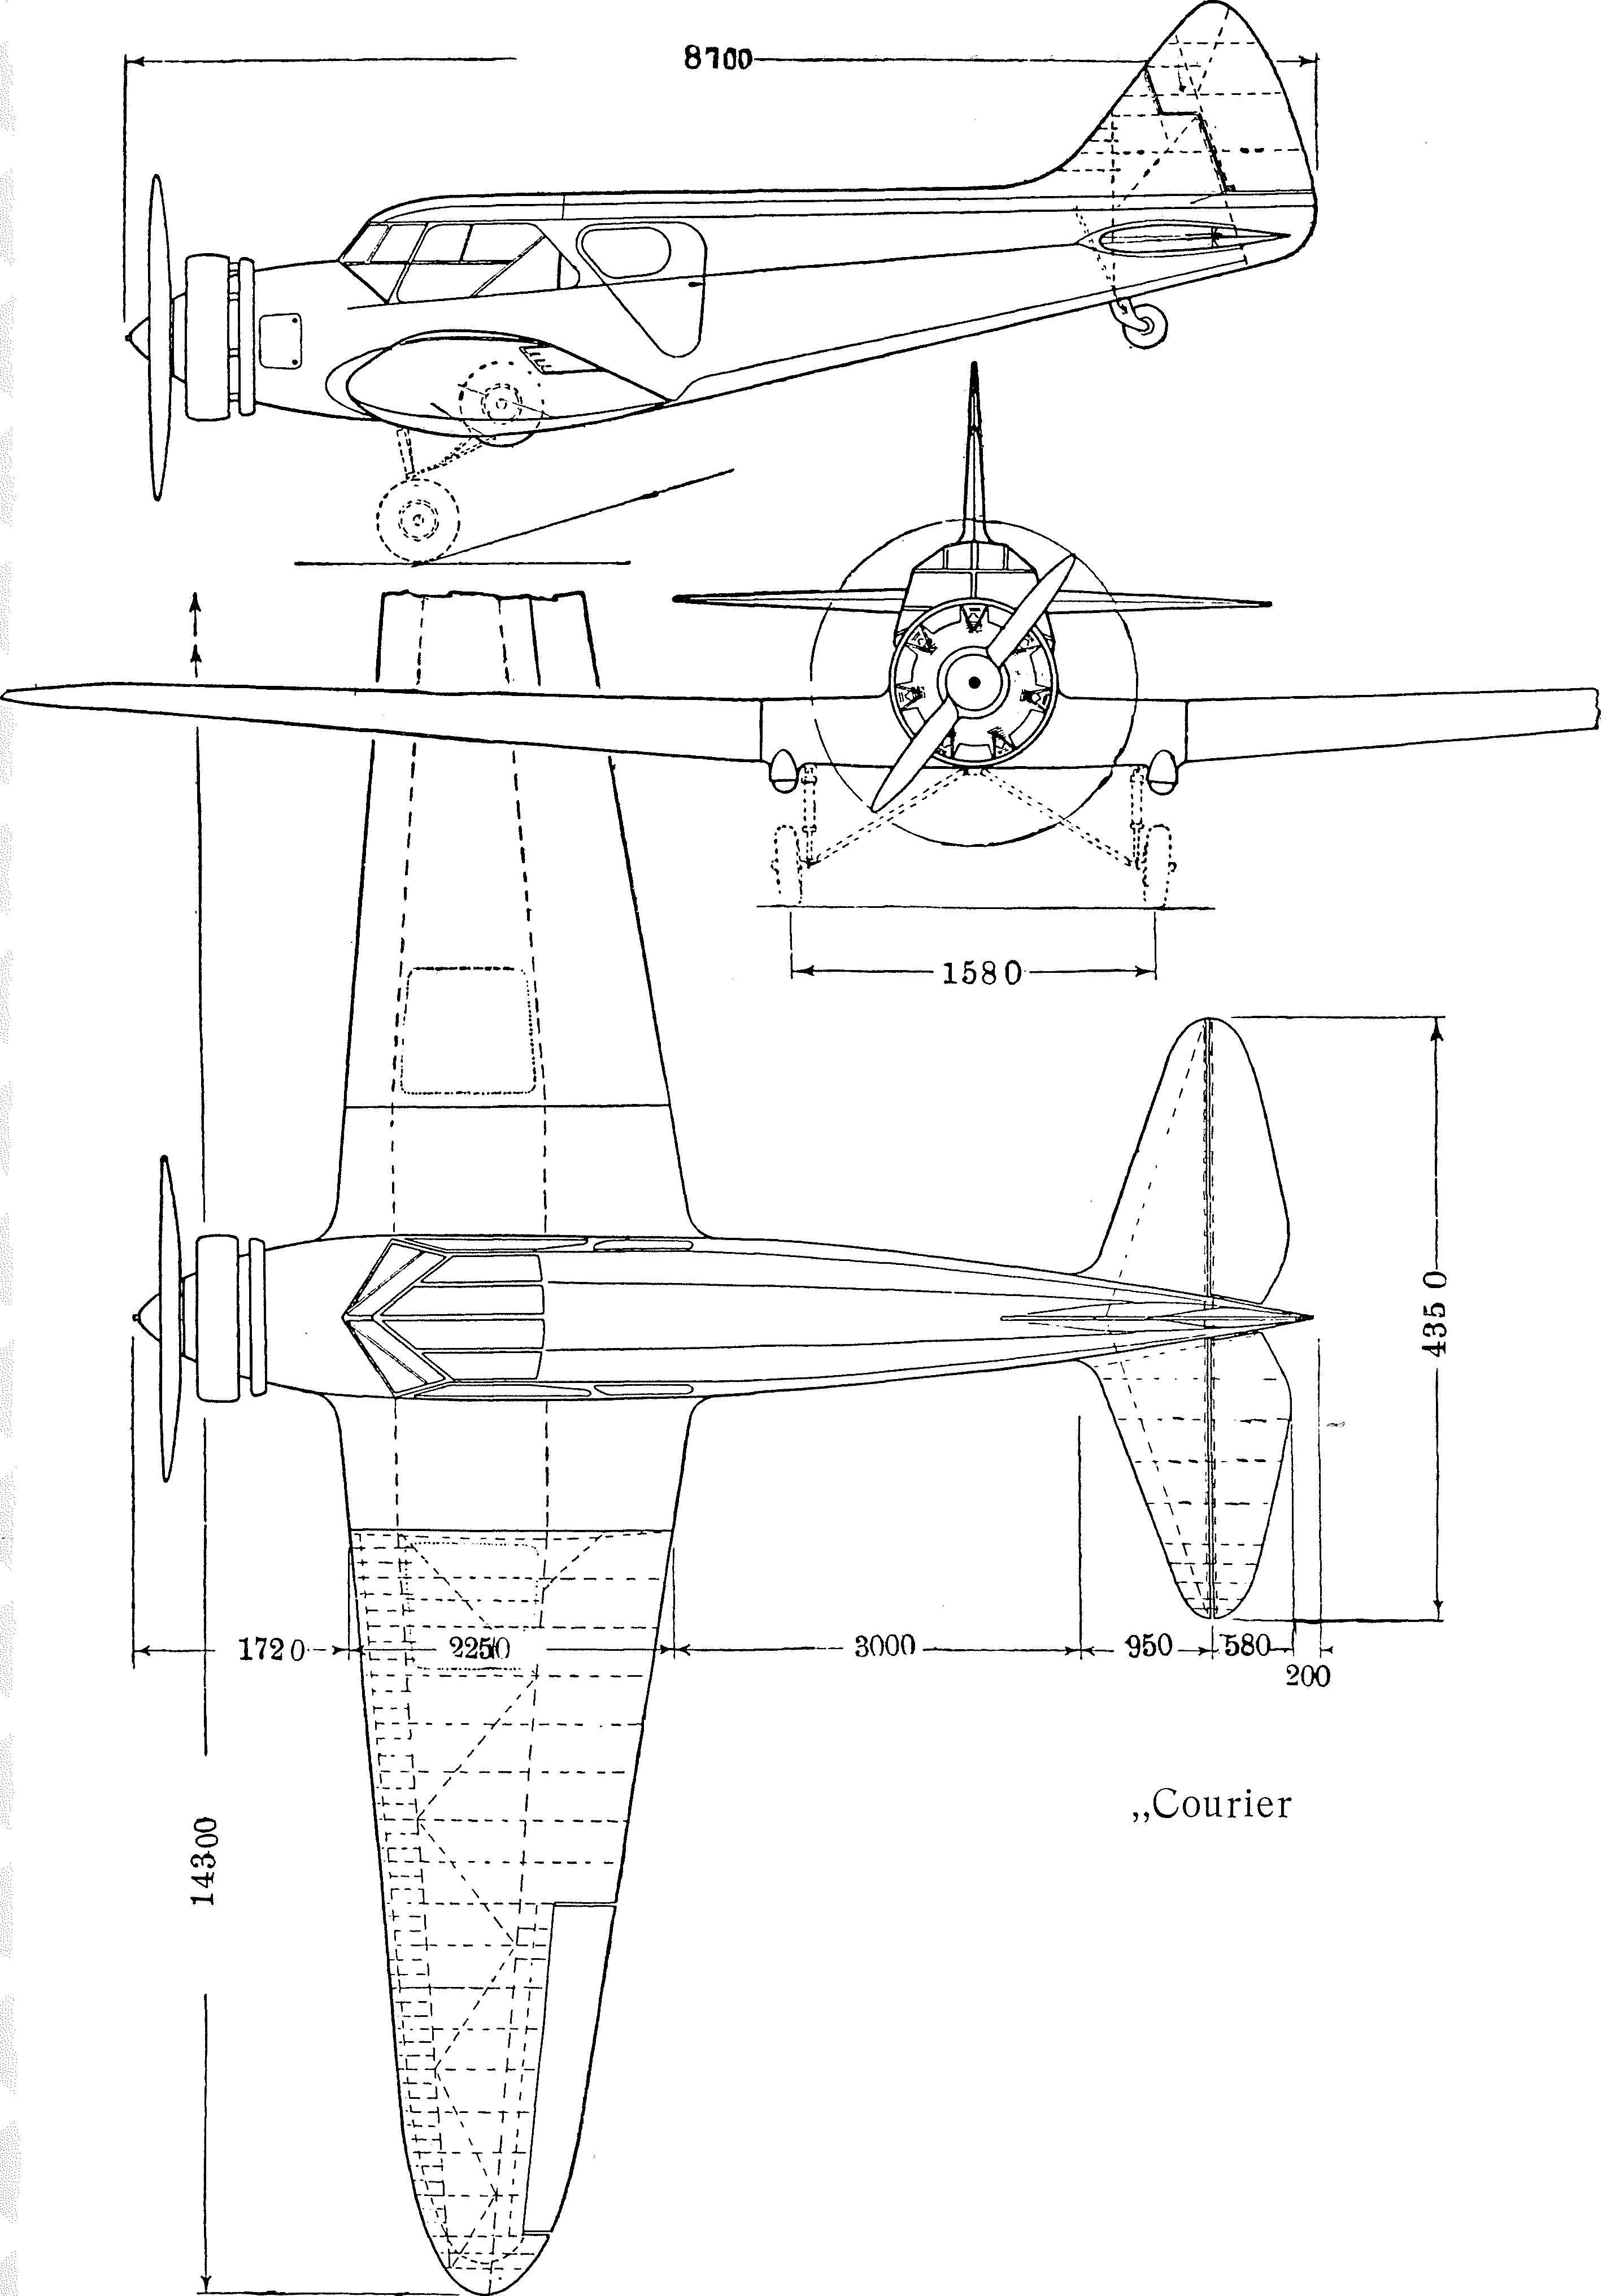 Luftfahrt und Luftverkehr sowie Luftwaffe im Dritten Reich 1933